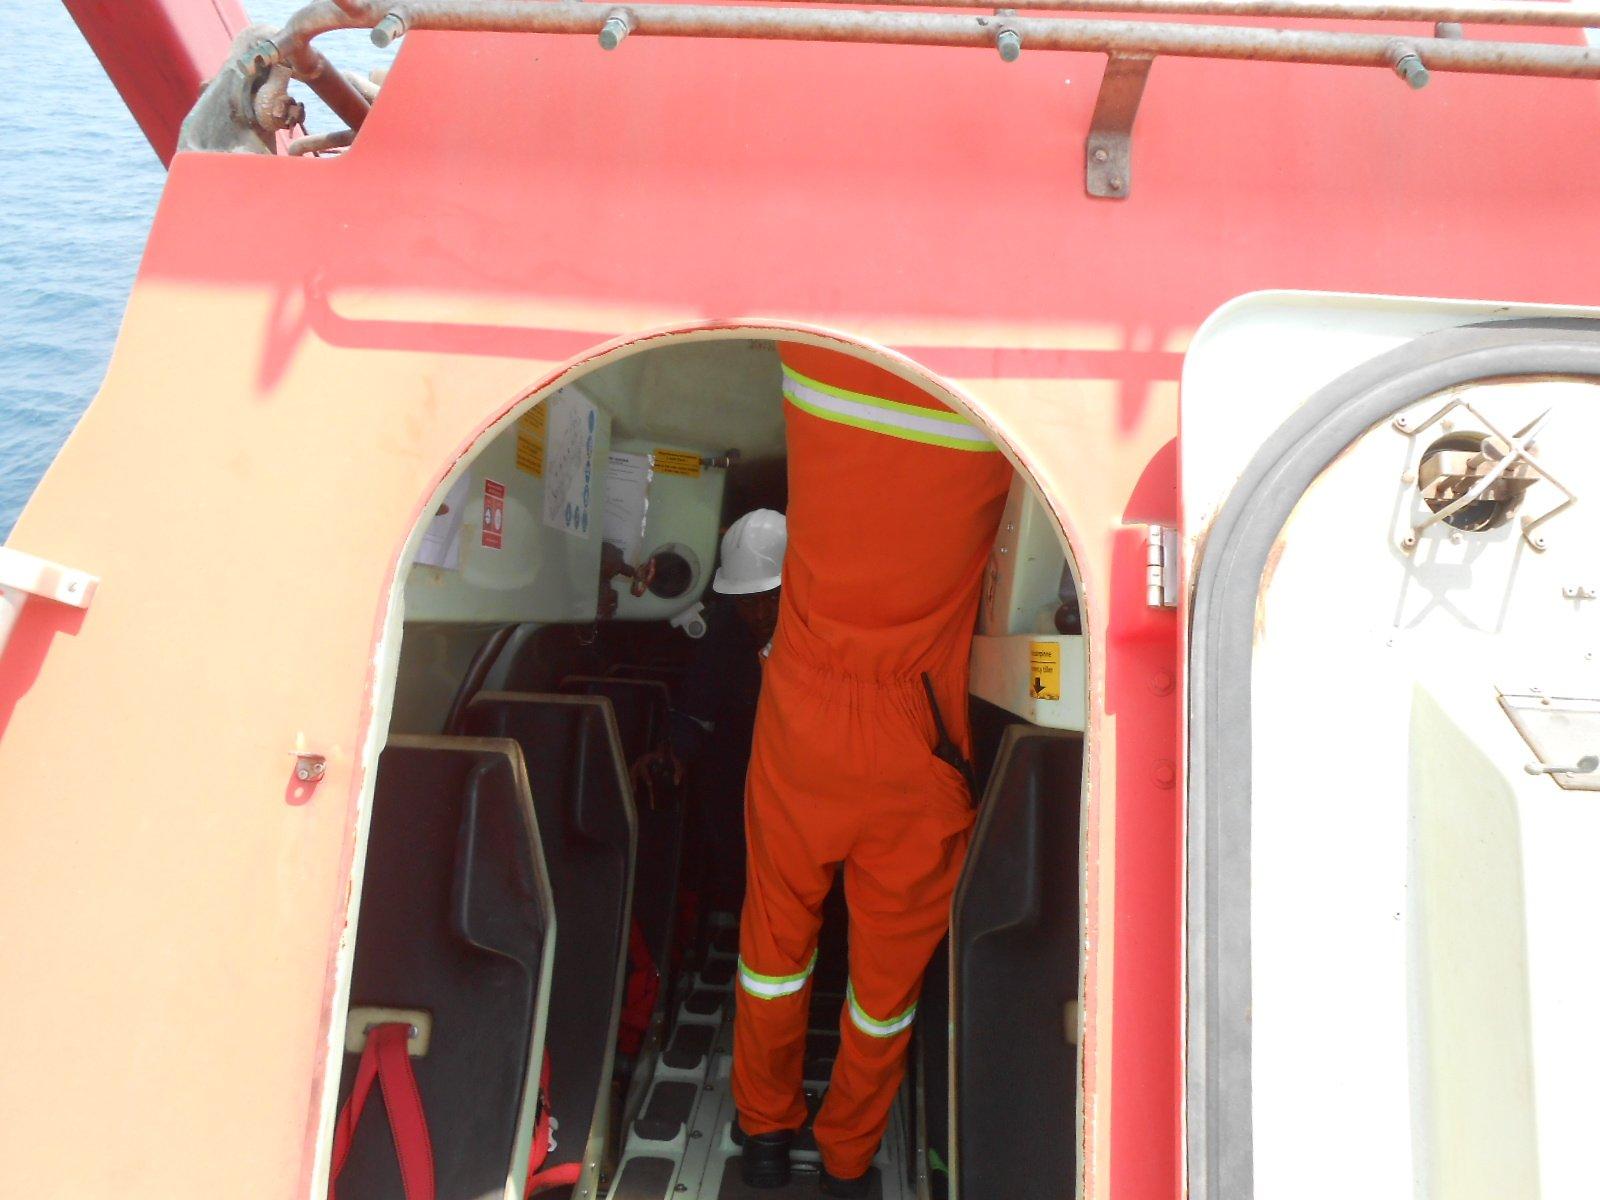 Deck cadet